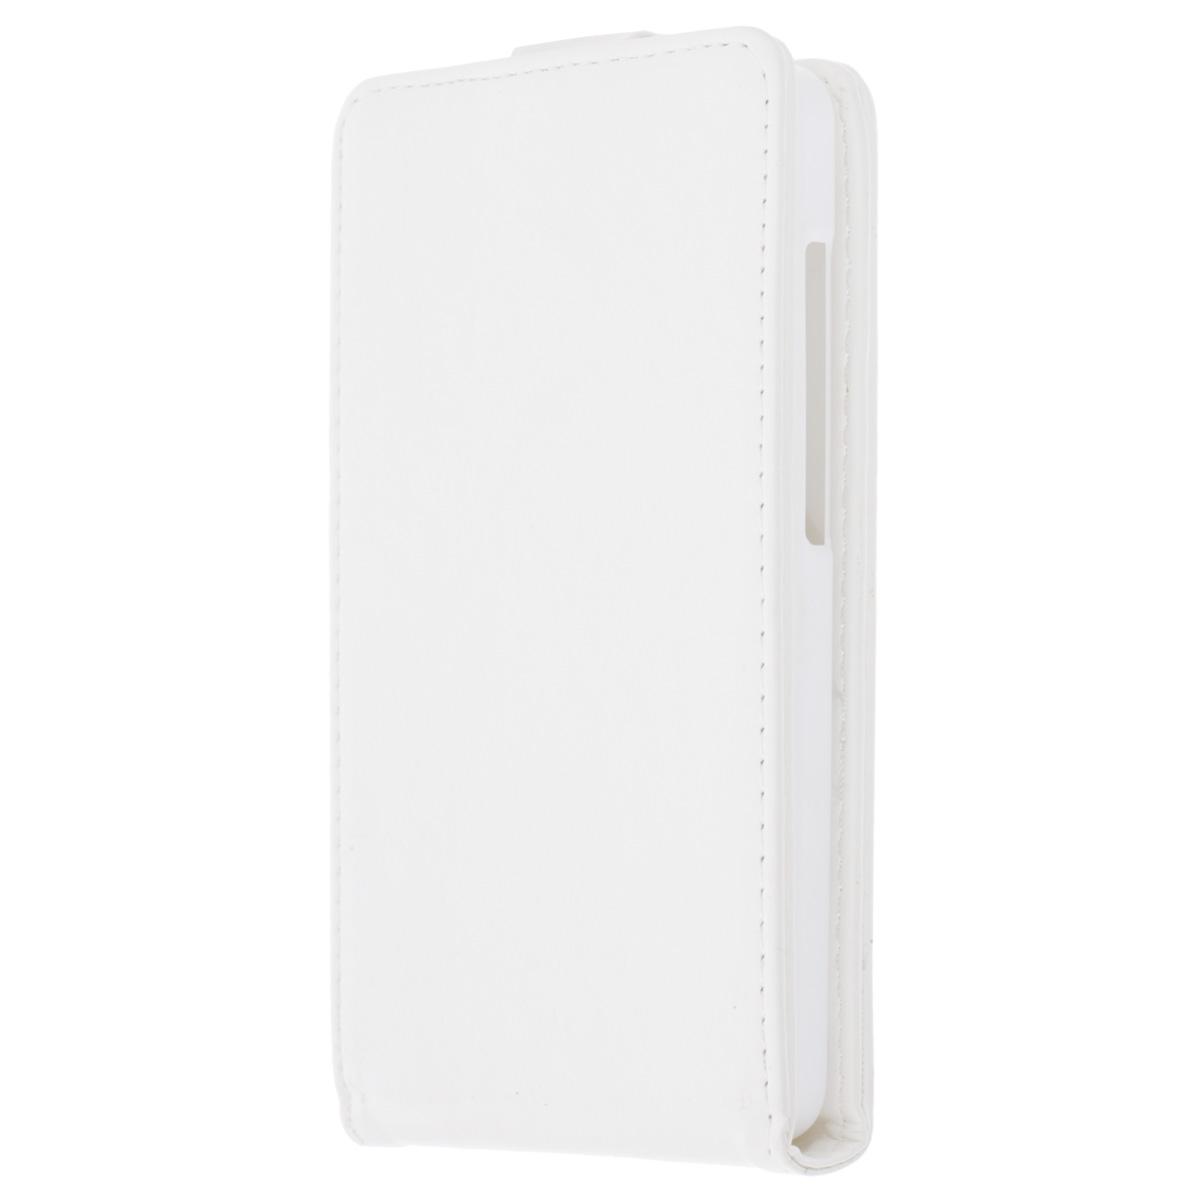 Skinbox Flip Case чехол для Asus Zenfone 5 Lite, WhiteT-F-AZP5LФлип-кейс Skinbox для Asus Zenfone 5 Lite не ограничивает функционал мобильного телефона. Адаптированная форма оставляет необходимые элементы устройства, такие как разъемы, камера, порт передачи данных, микрофон и динамики легко доступными. Качественная искусственная кожа, из которой изготовлен чехол, очень прочна и практична, а также идеально соответствует натуральной коже и создает приятные ощущения при касании. Смартфон фиксируется на жесткой основе из прочного пластика, которая не только защищает смартфон от ударов, но и максимально долго сохраняет свою форму. Передняя панель флип-кейса закрепляется магнитной застежкой, предотвращающей раскрытие чехла и повреждение дисплея вашего устройства.